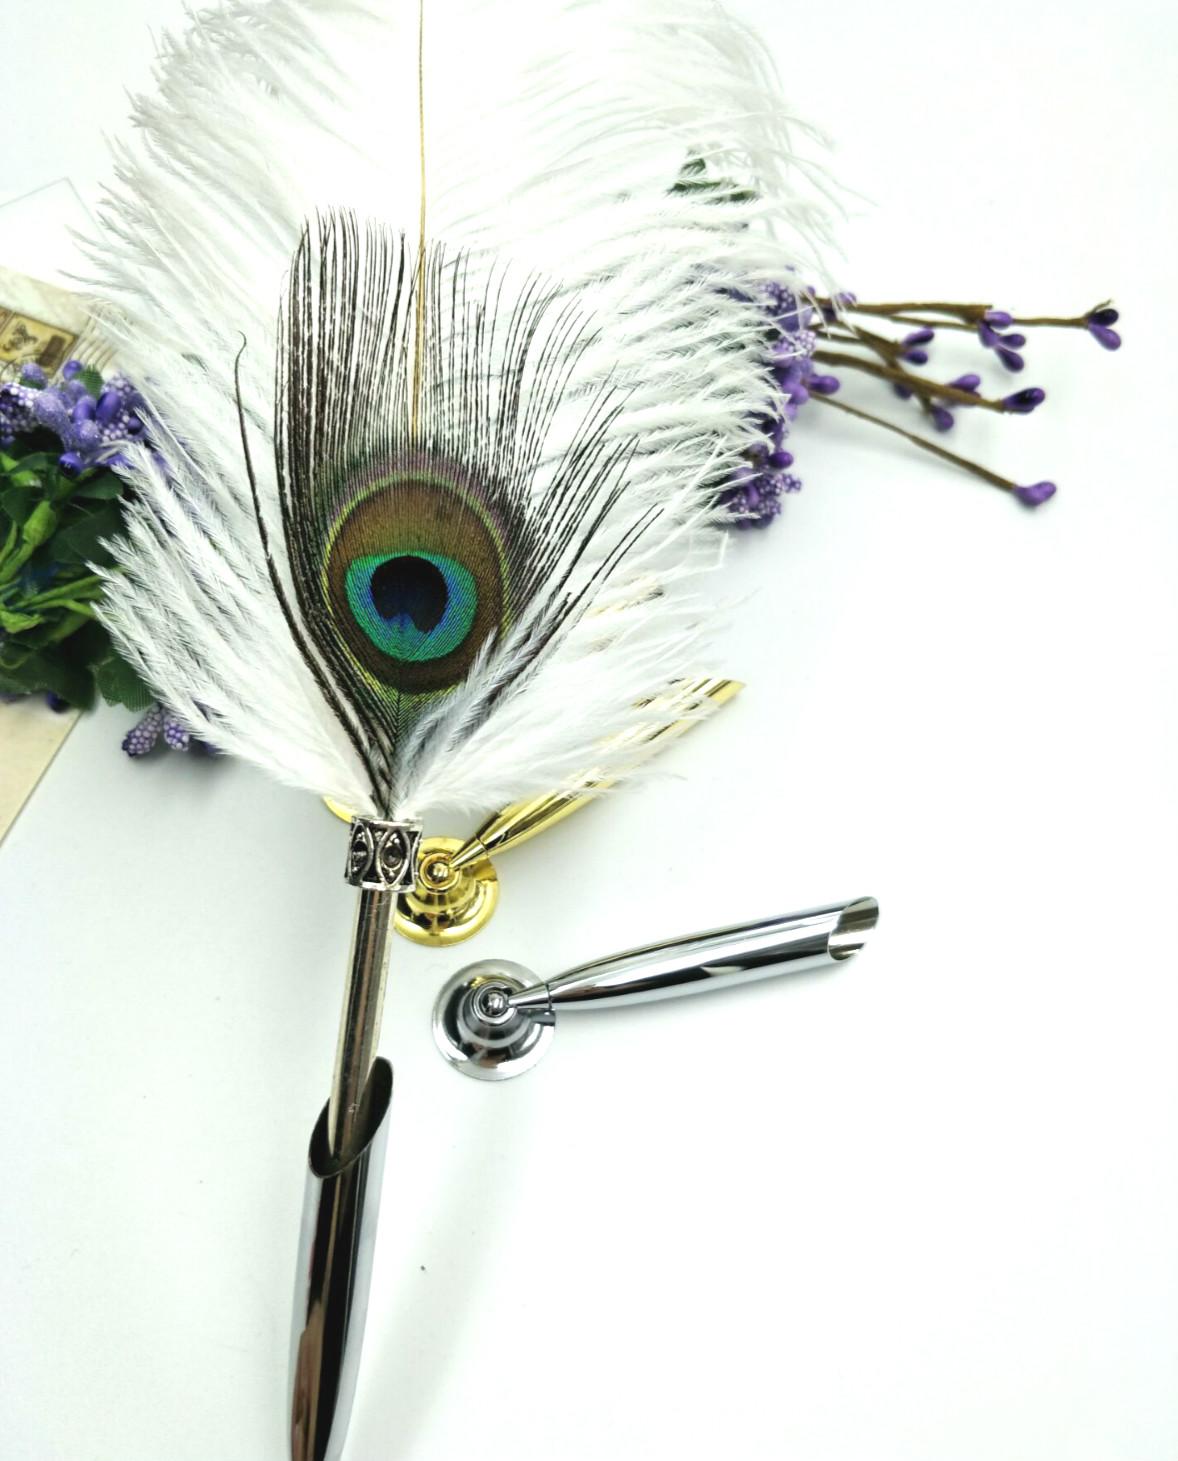 新款欧式复古羽毛笔钢笔简约创意不锈钢笔座时尚笔台固定插座包邮